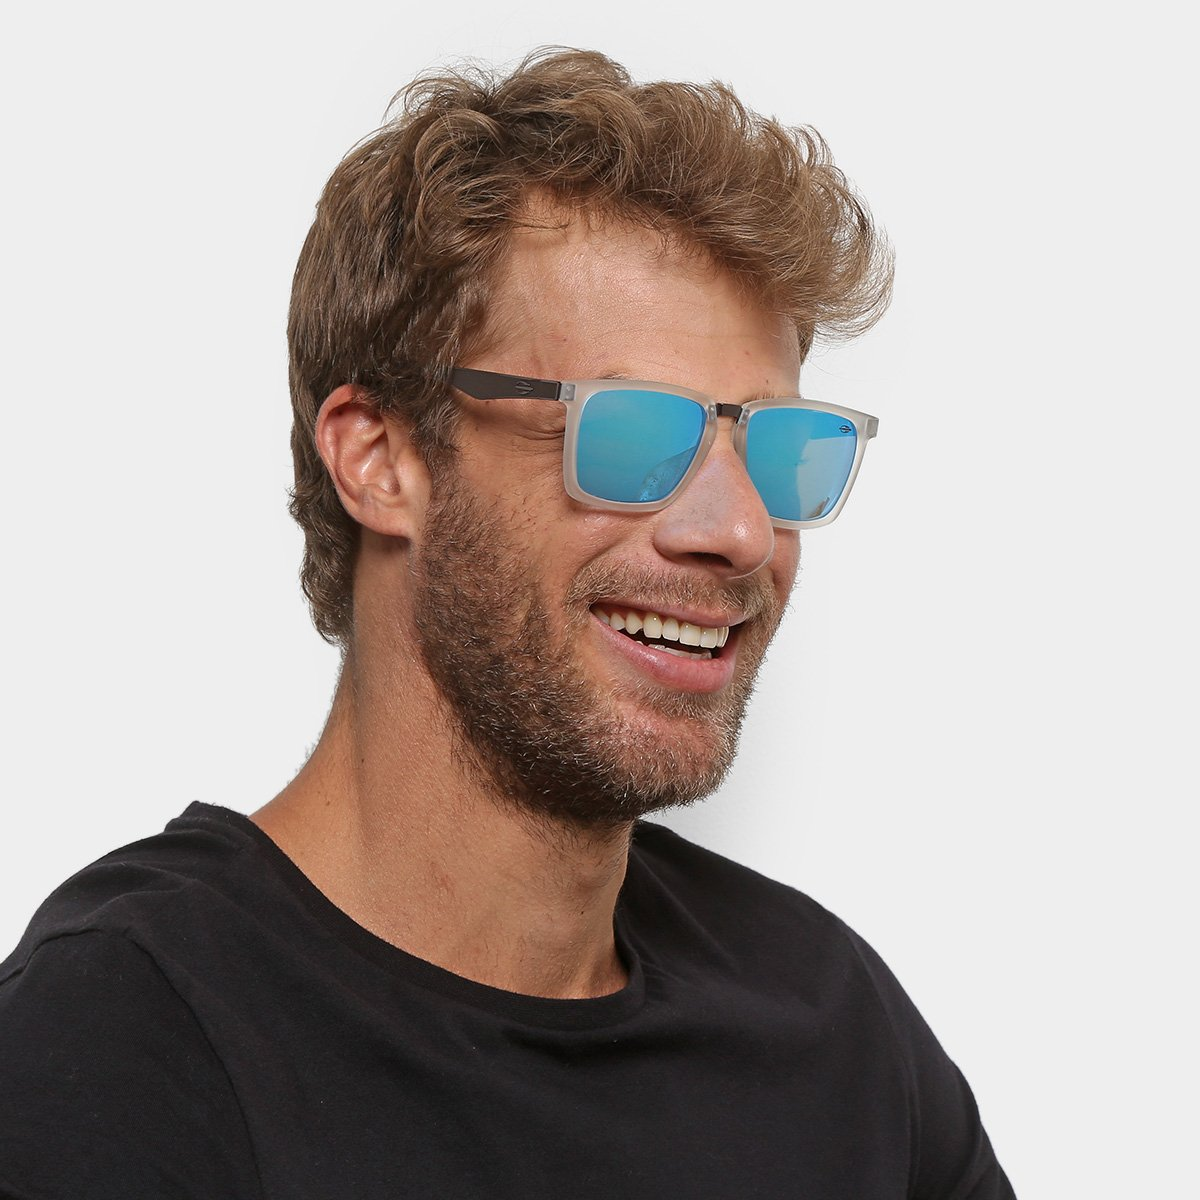 9ec94d7b2 Óculos Mormaii San Luiz M0061DB812 Masculino | Livelo -Sua Vida com Mais  Recompensas